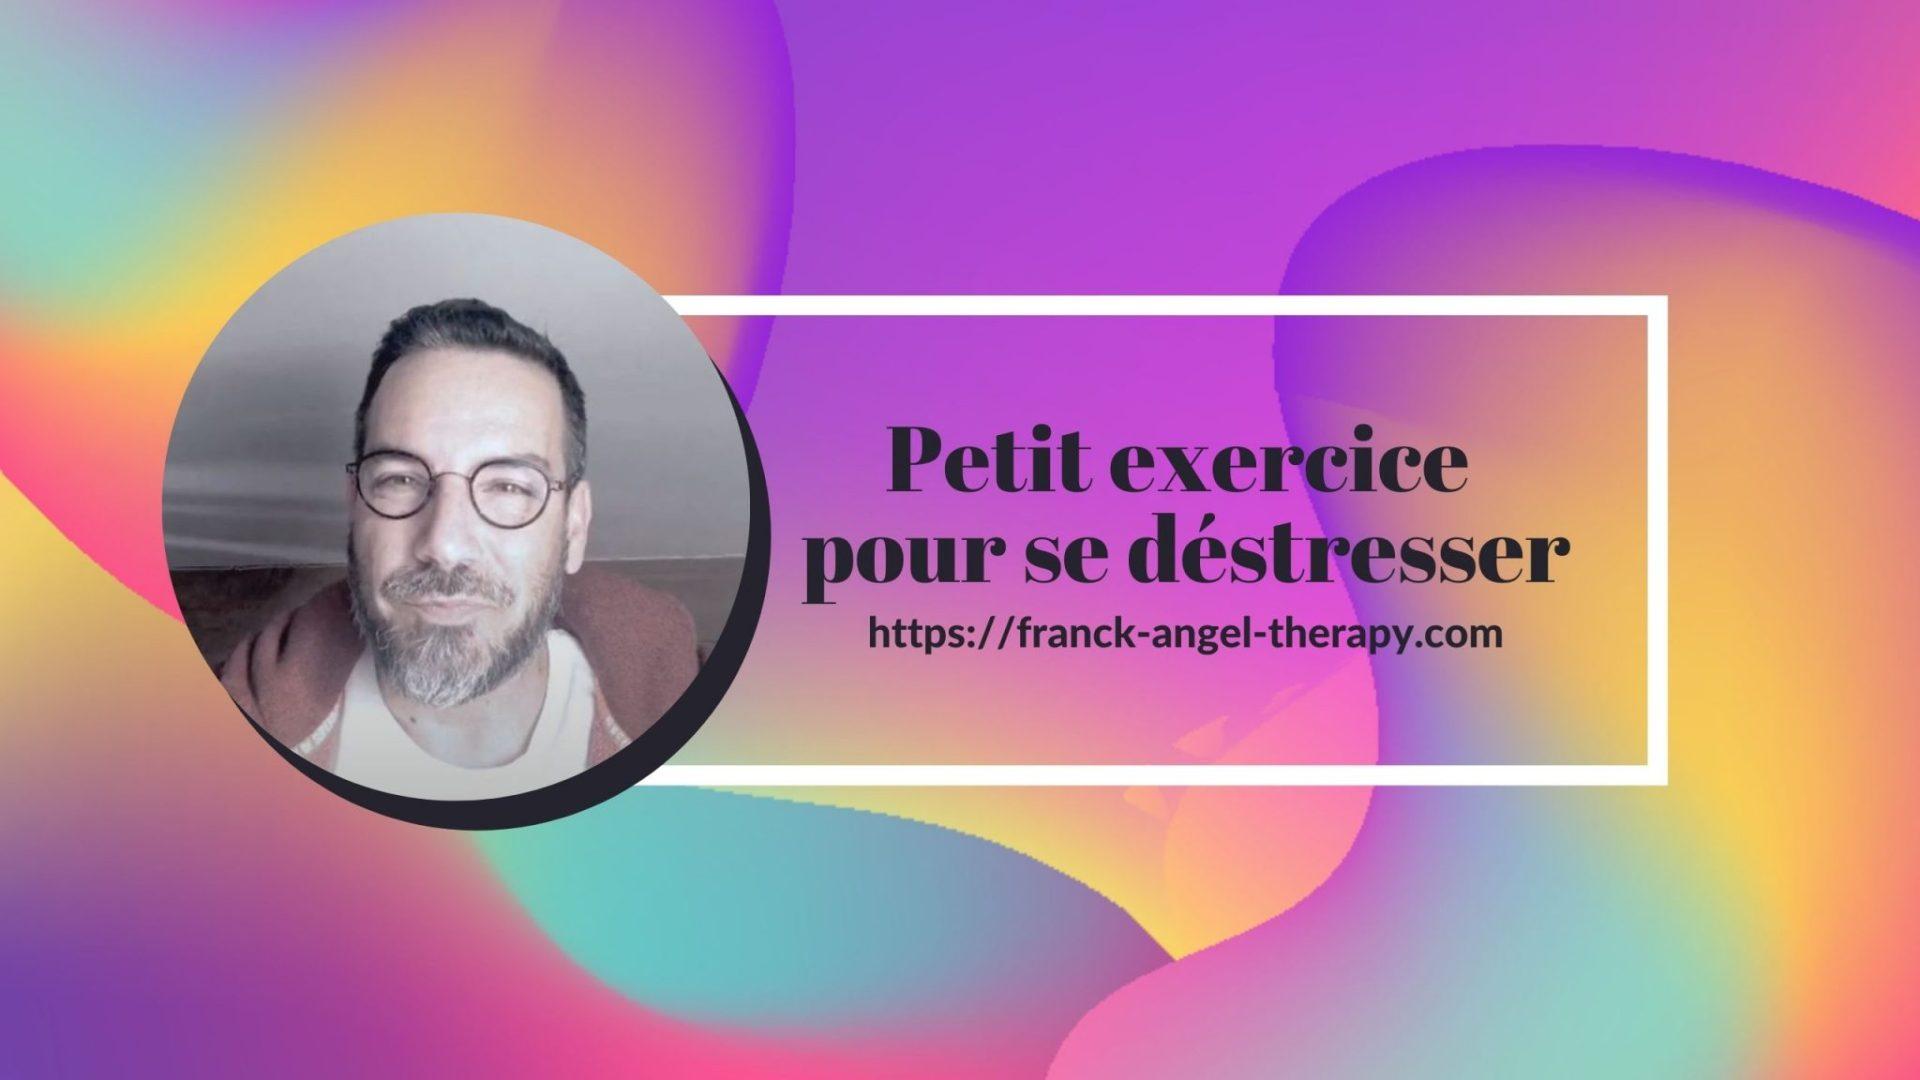 Petit exercice pour déstresser